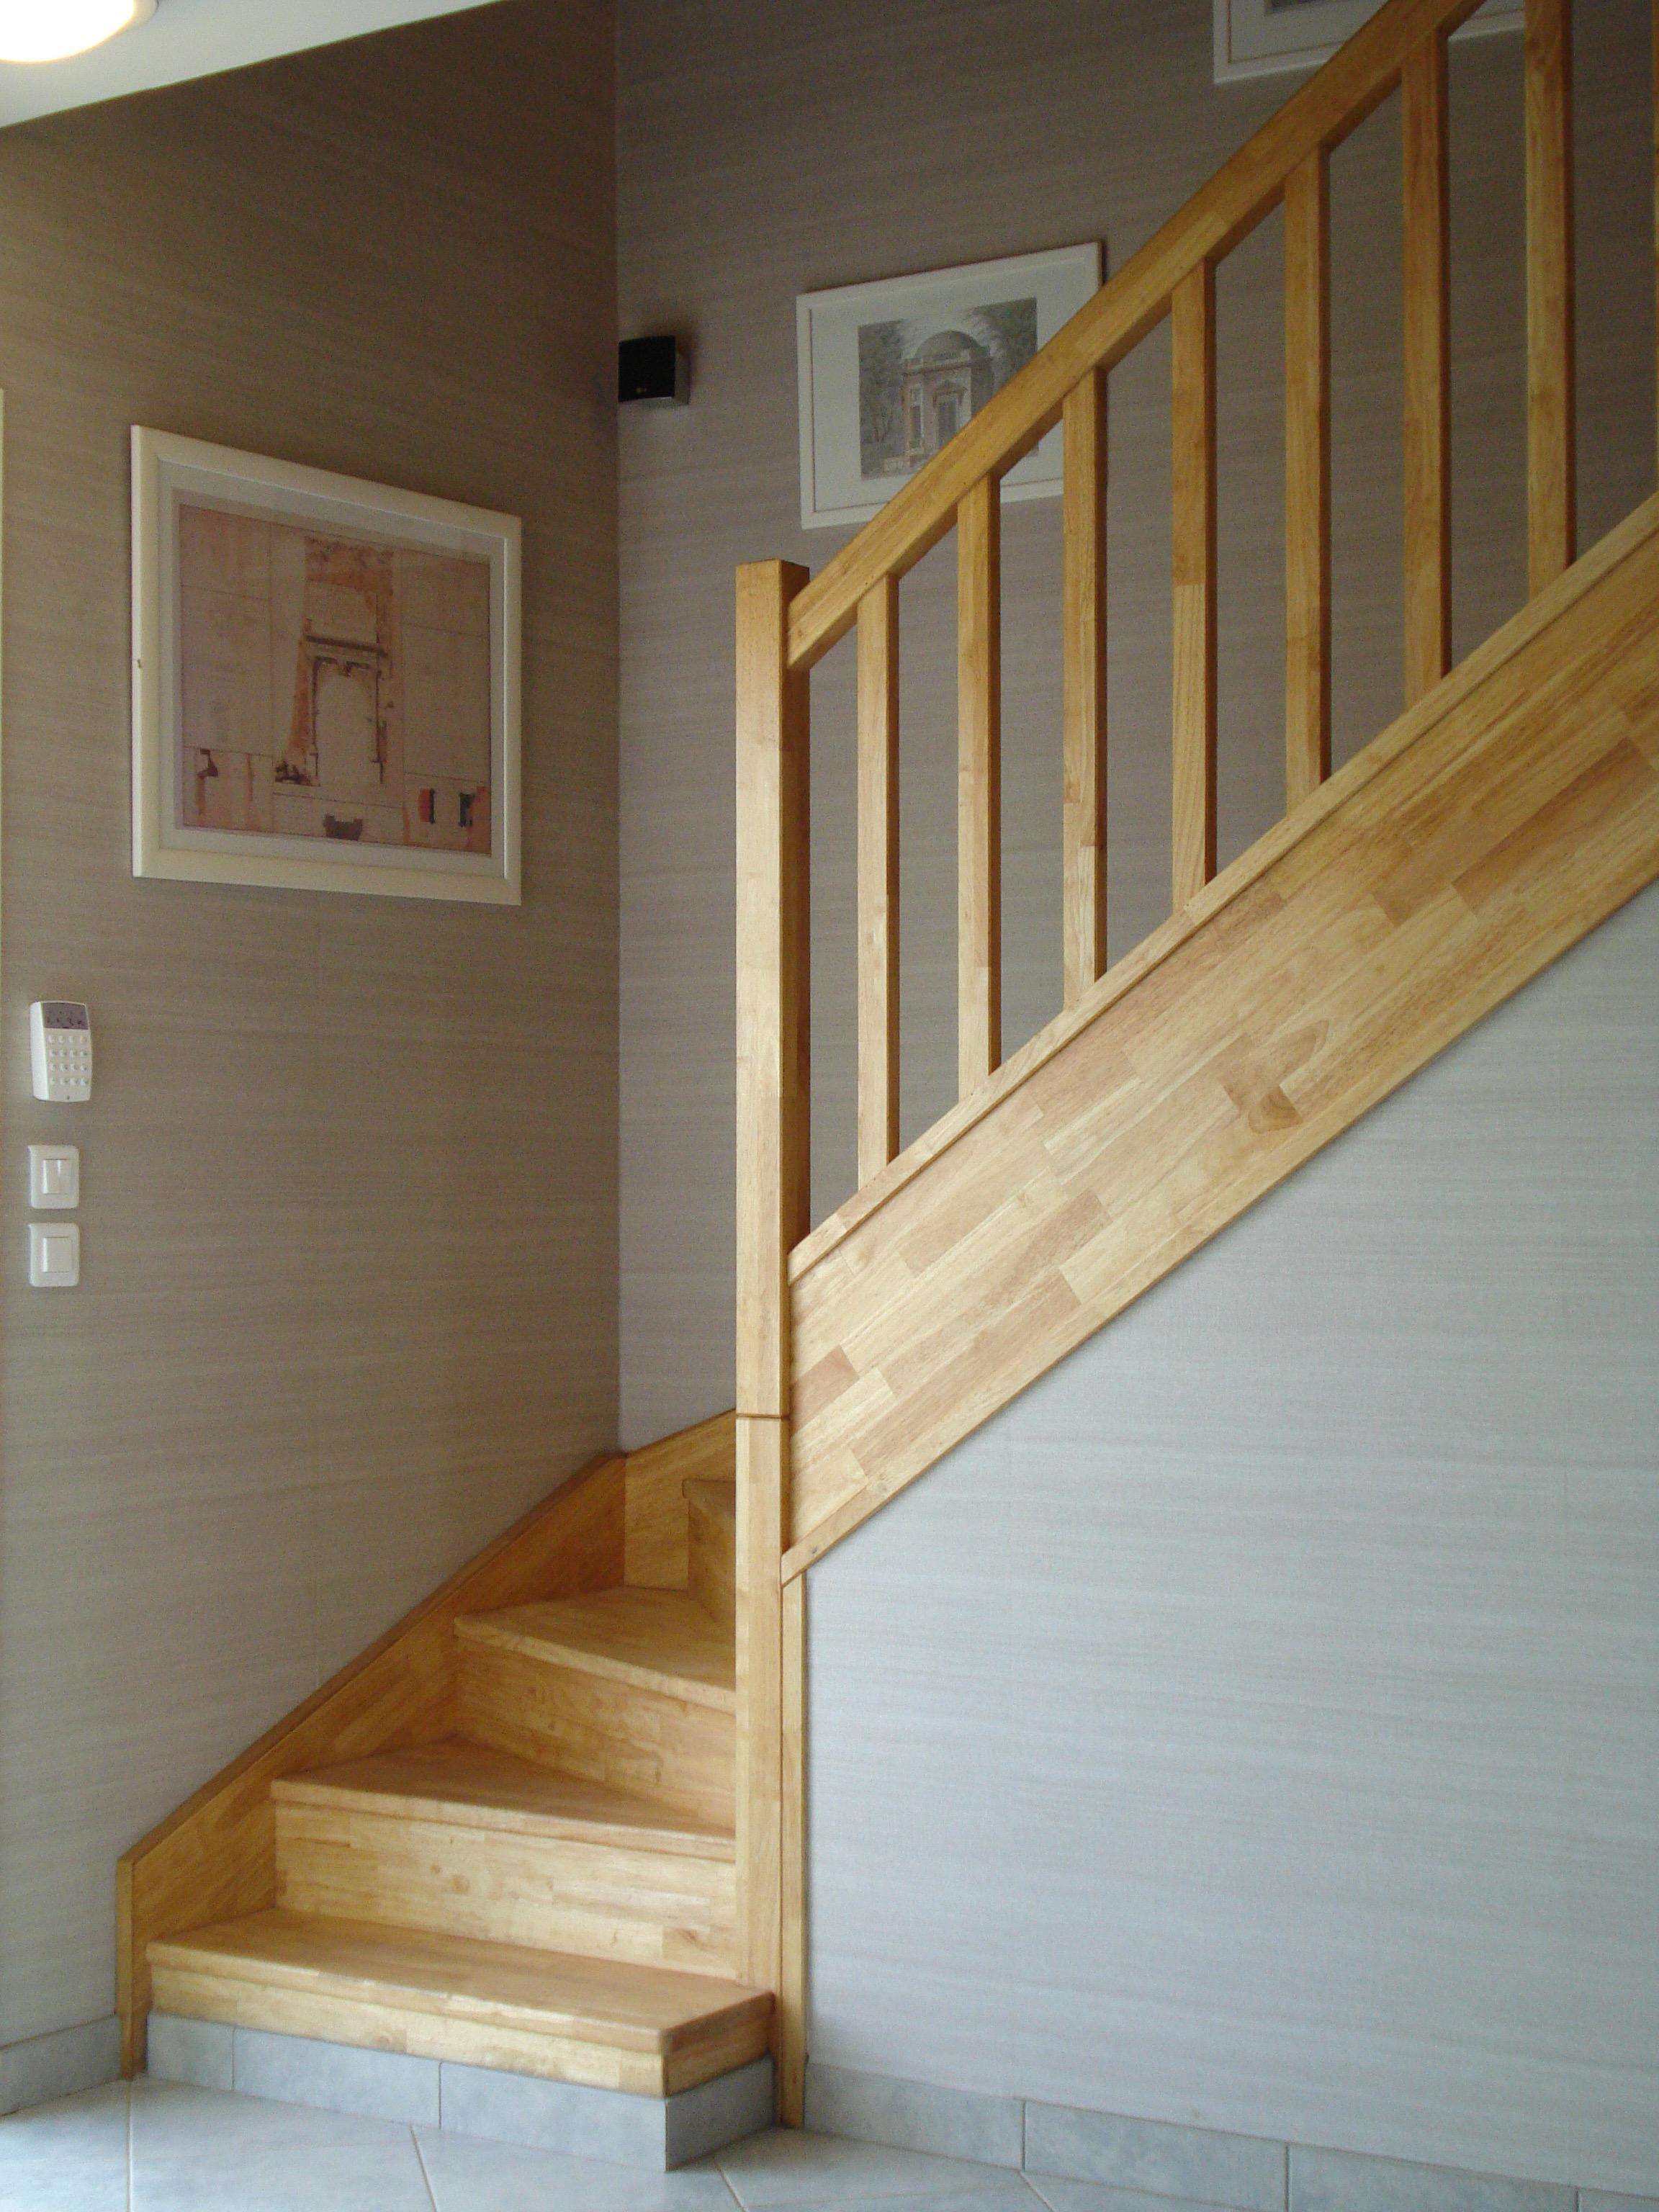 Escaliers Magnin Escalier 1 4 Tournant Mtv Avec Contremarches